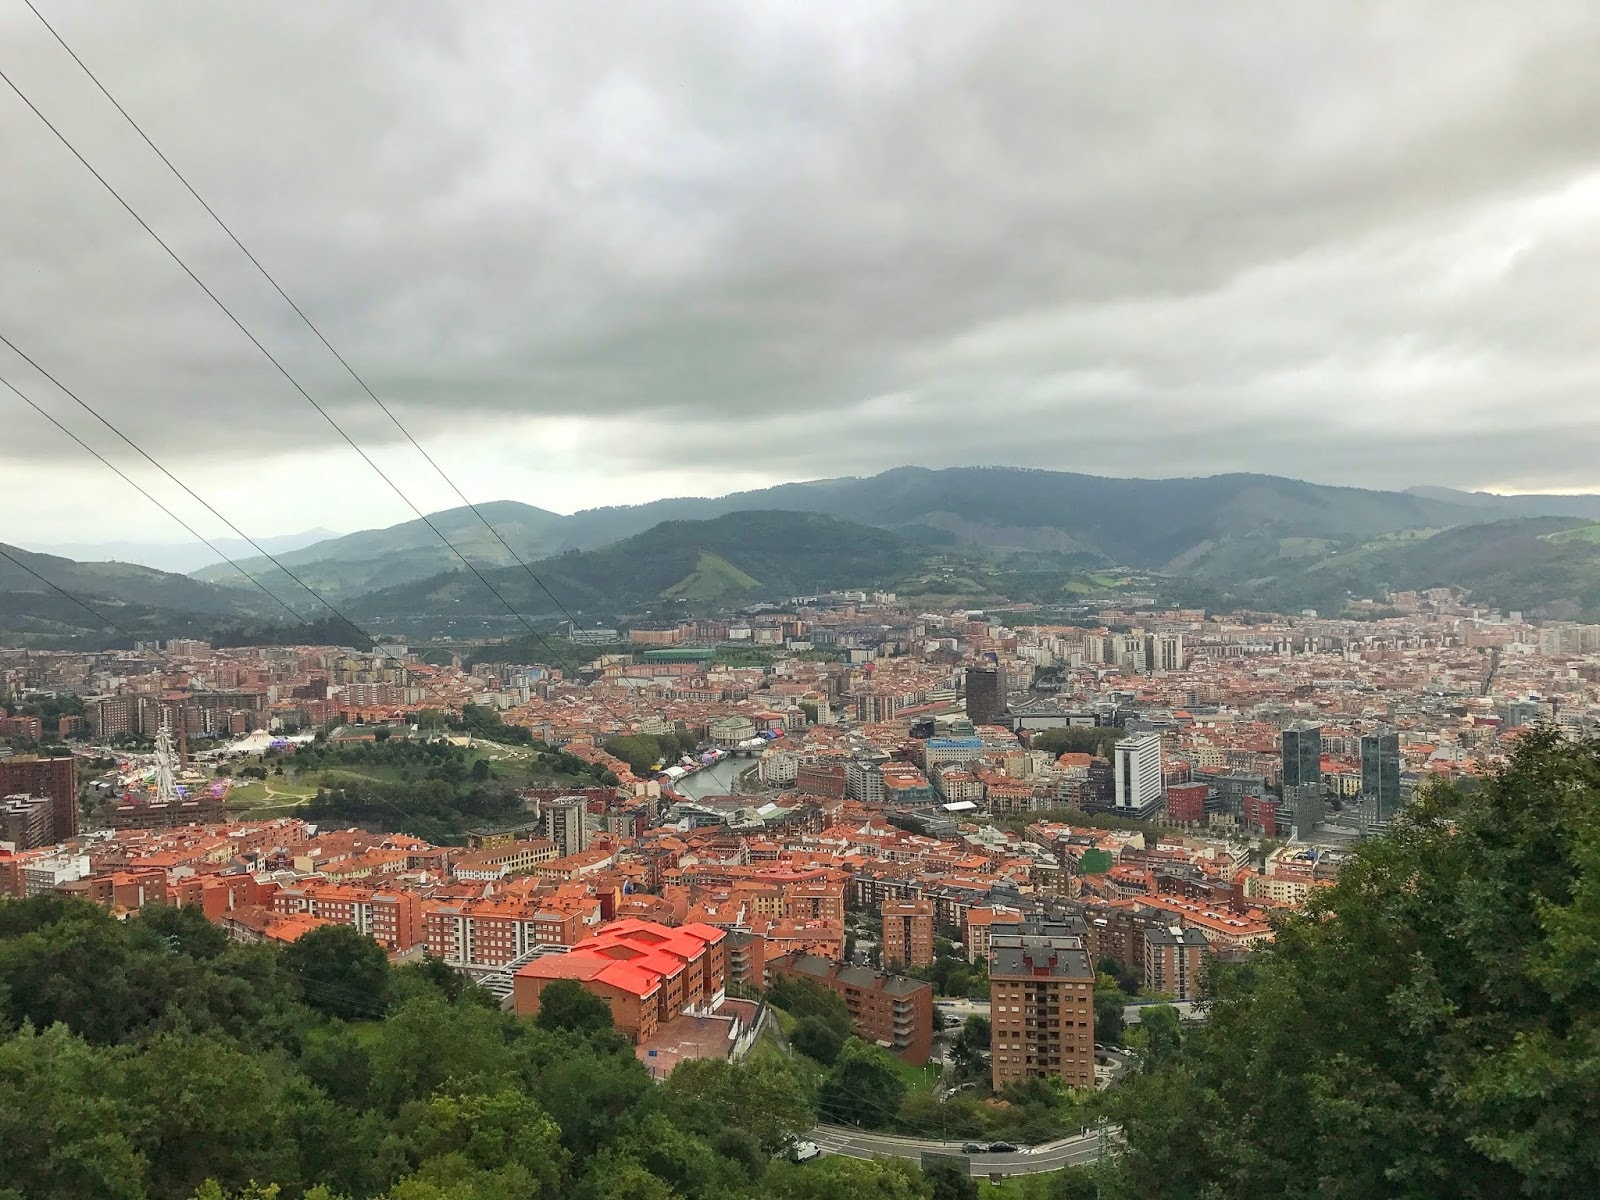 Funicular de Artxanda Bilbao Spain